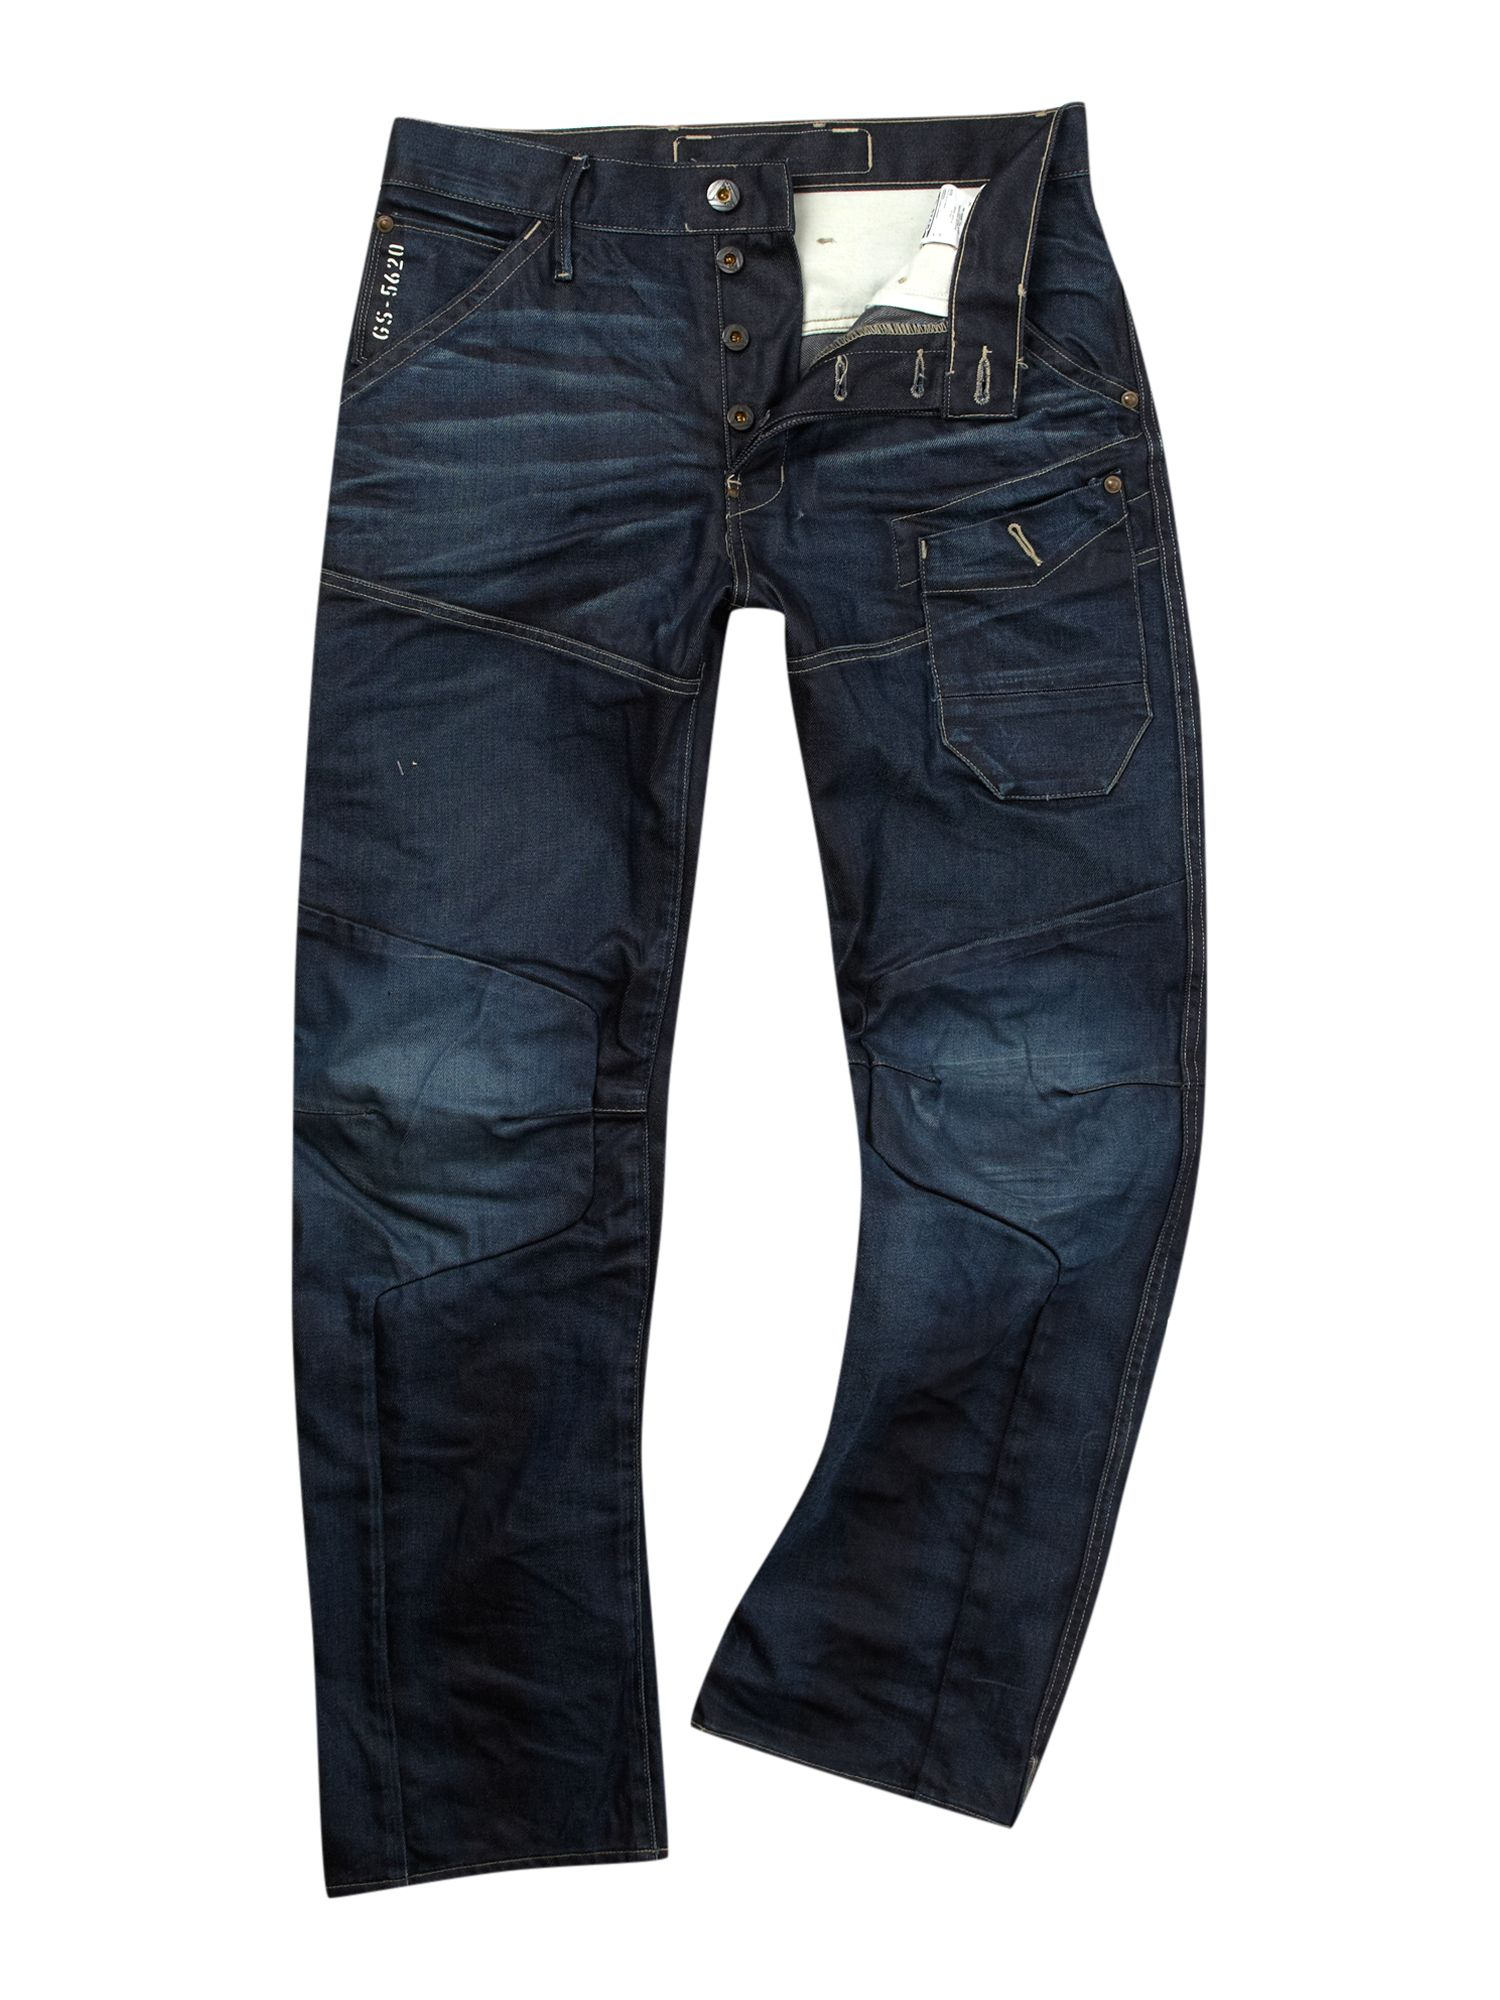 g star raw loose fit washed jeans in blue for men denim. Black Bedroom Furniture Sets. Home Design Ideas